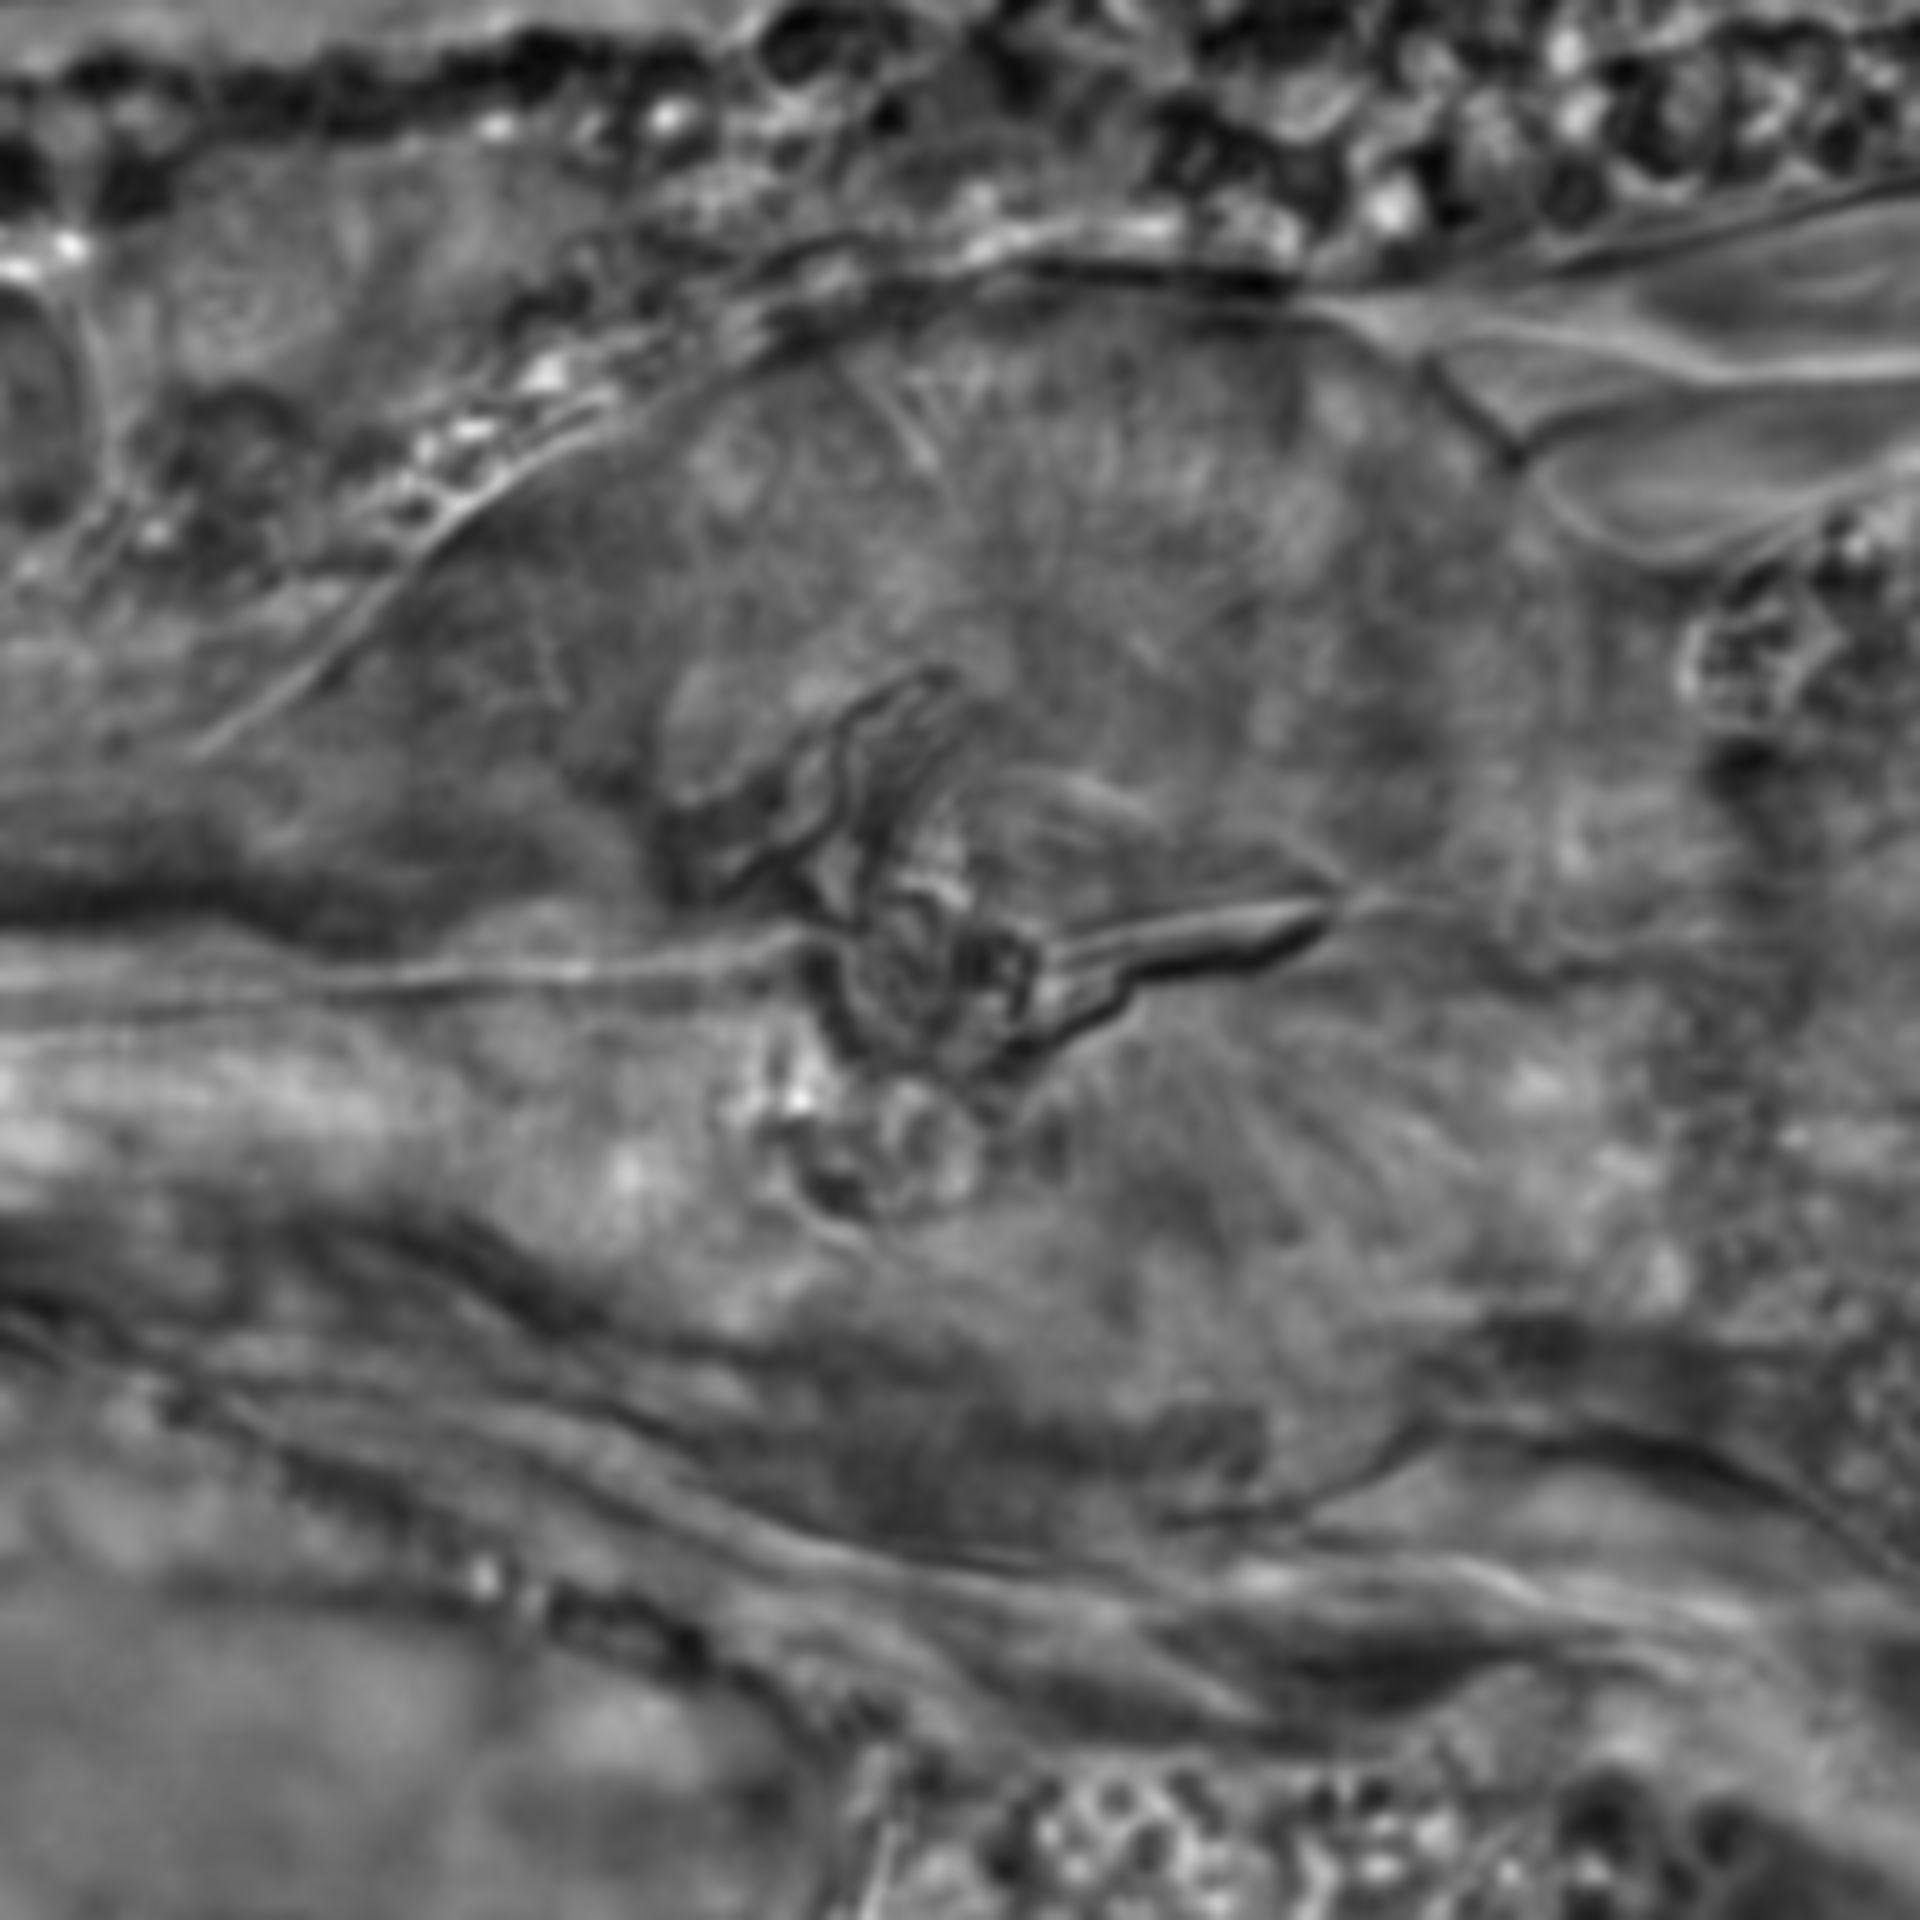 Caenorhabditis elegans - CIL:2053